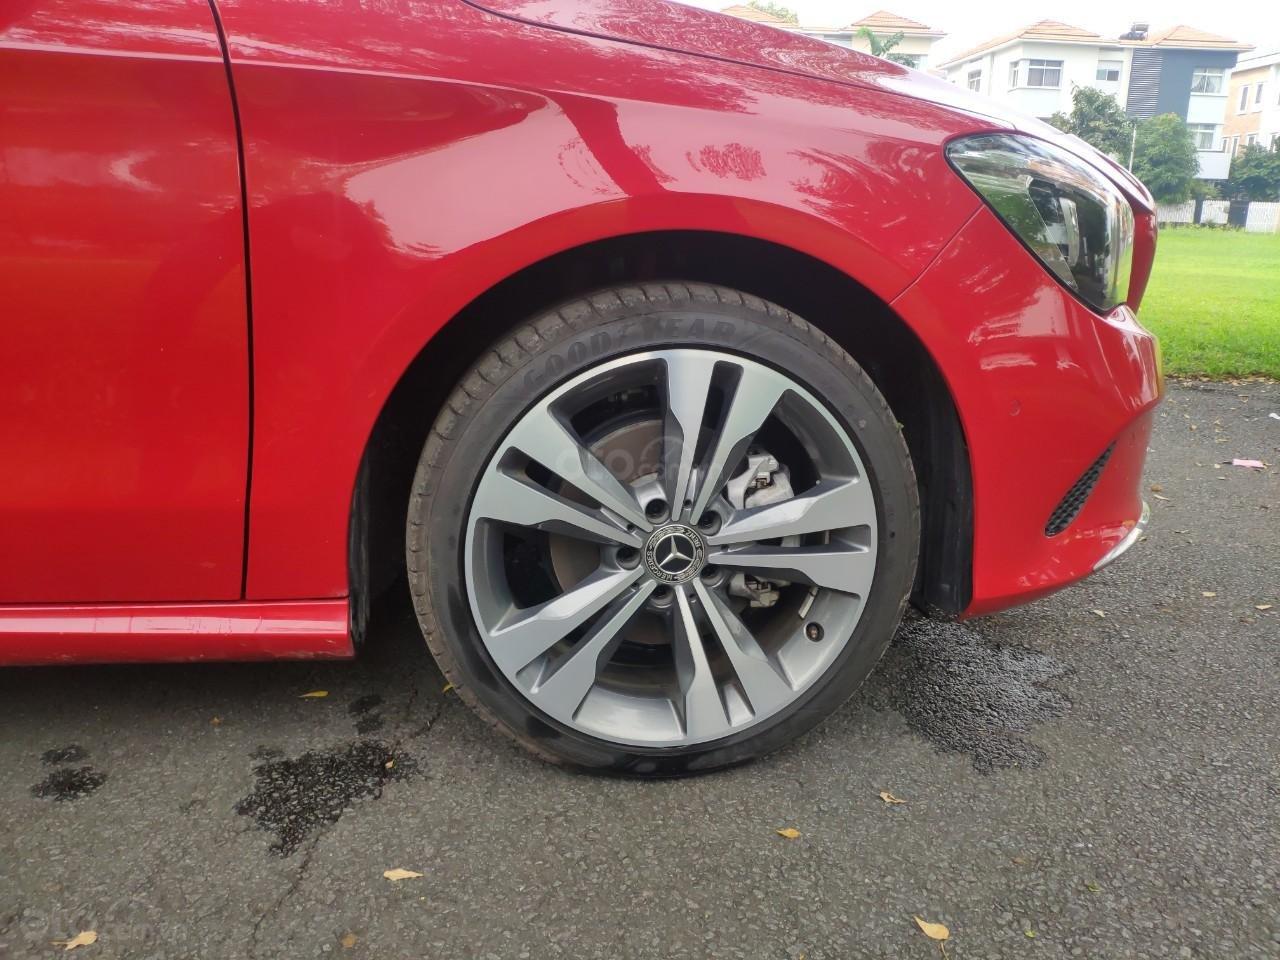 Giá tốt: Mercedes Benz CLA 200 2019 màu đỏ, đi 68km (7)